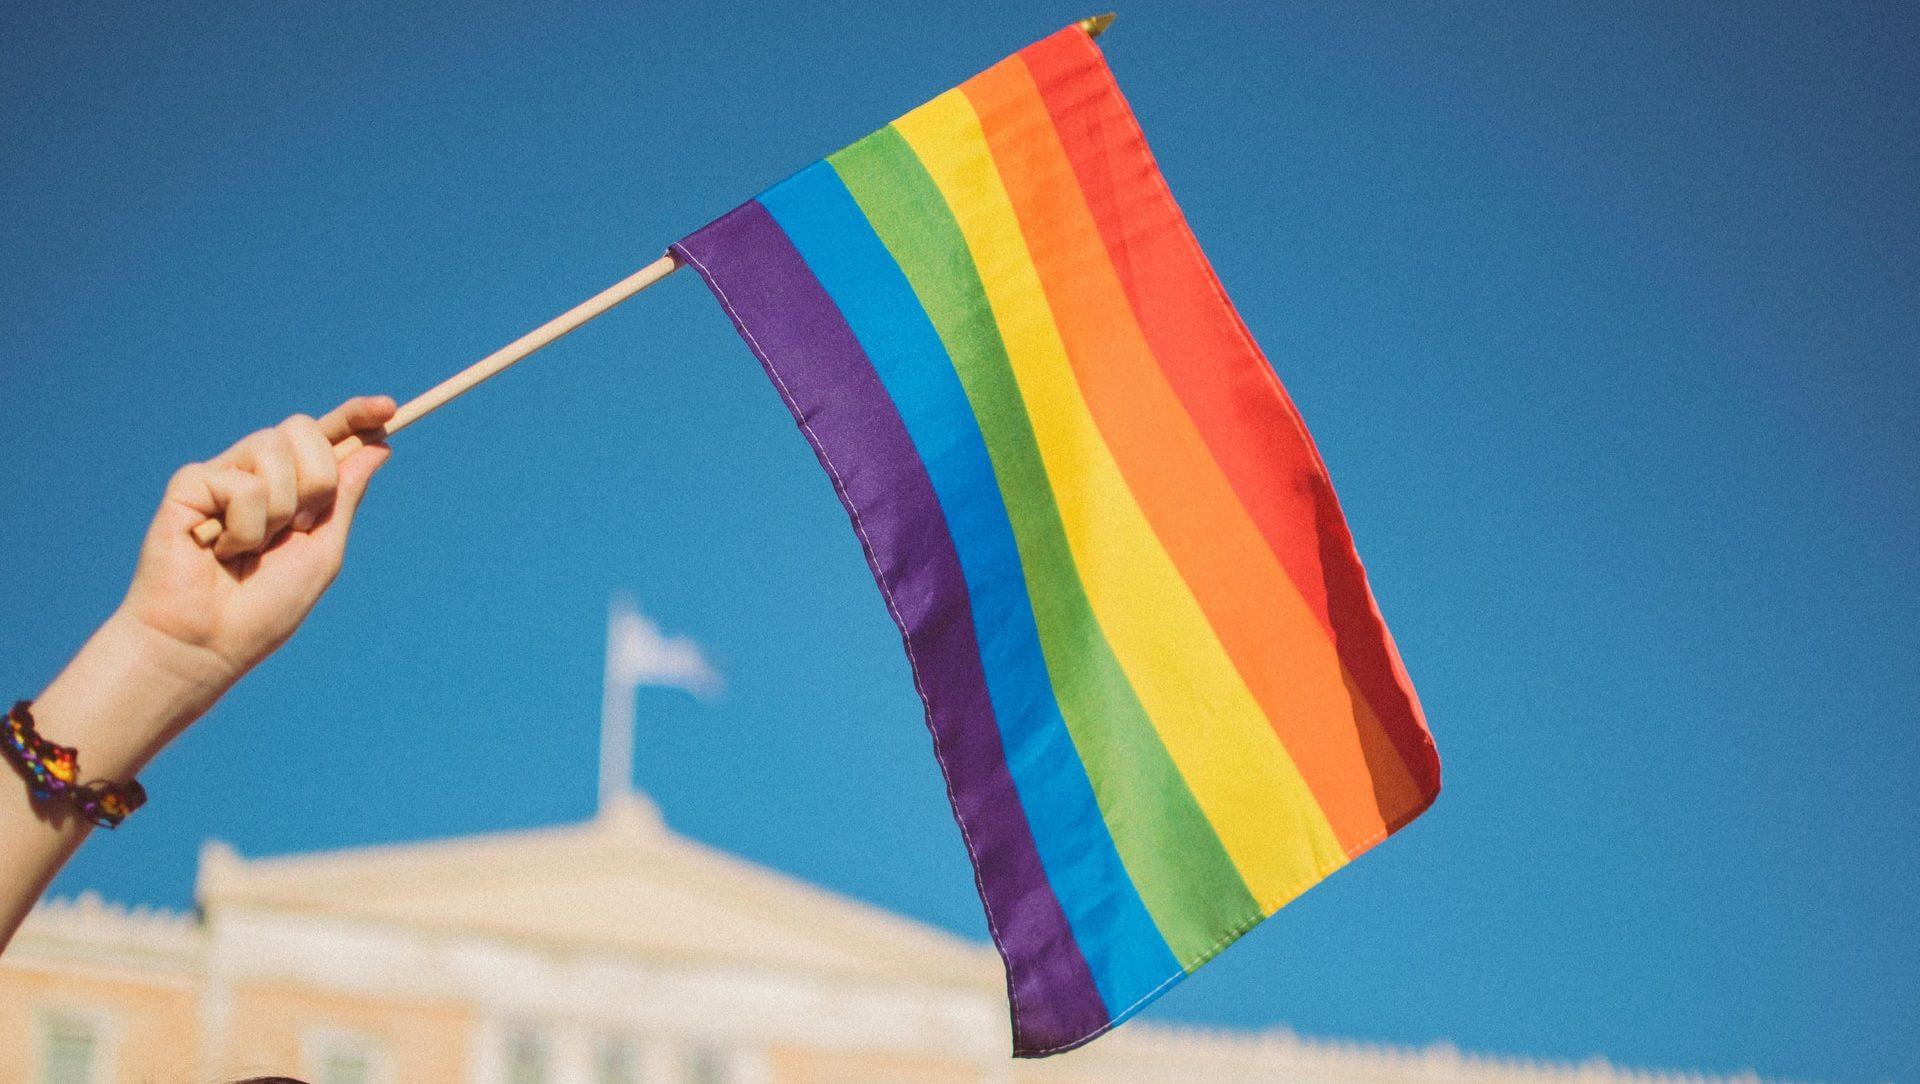 Organizatorii unei manifestații LGBTI au interzis accesul persoanelor albe. Evenimentul a fost ulterior anulat, din cauza amenințărilor